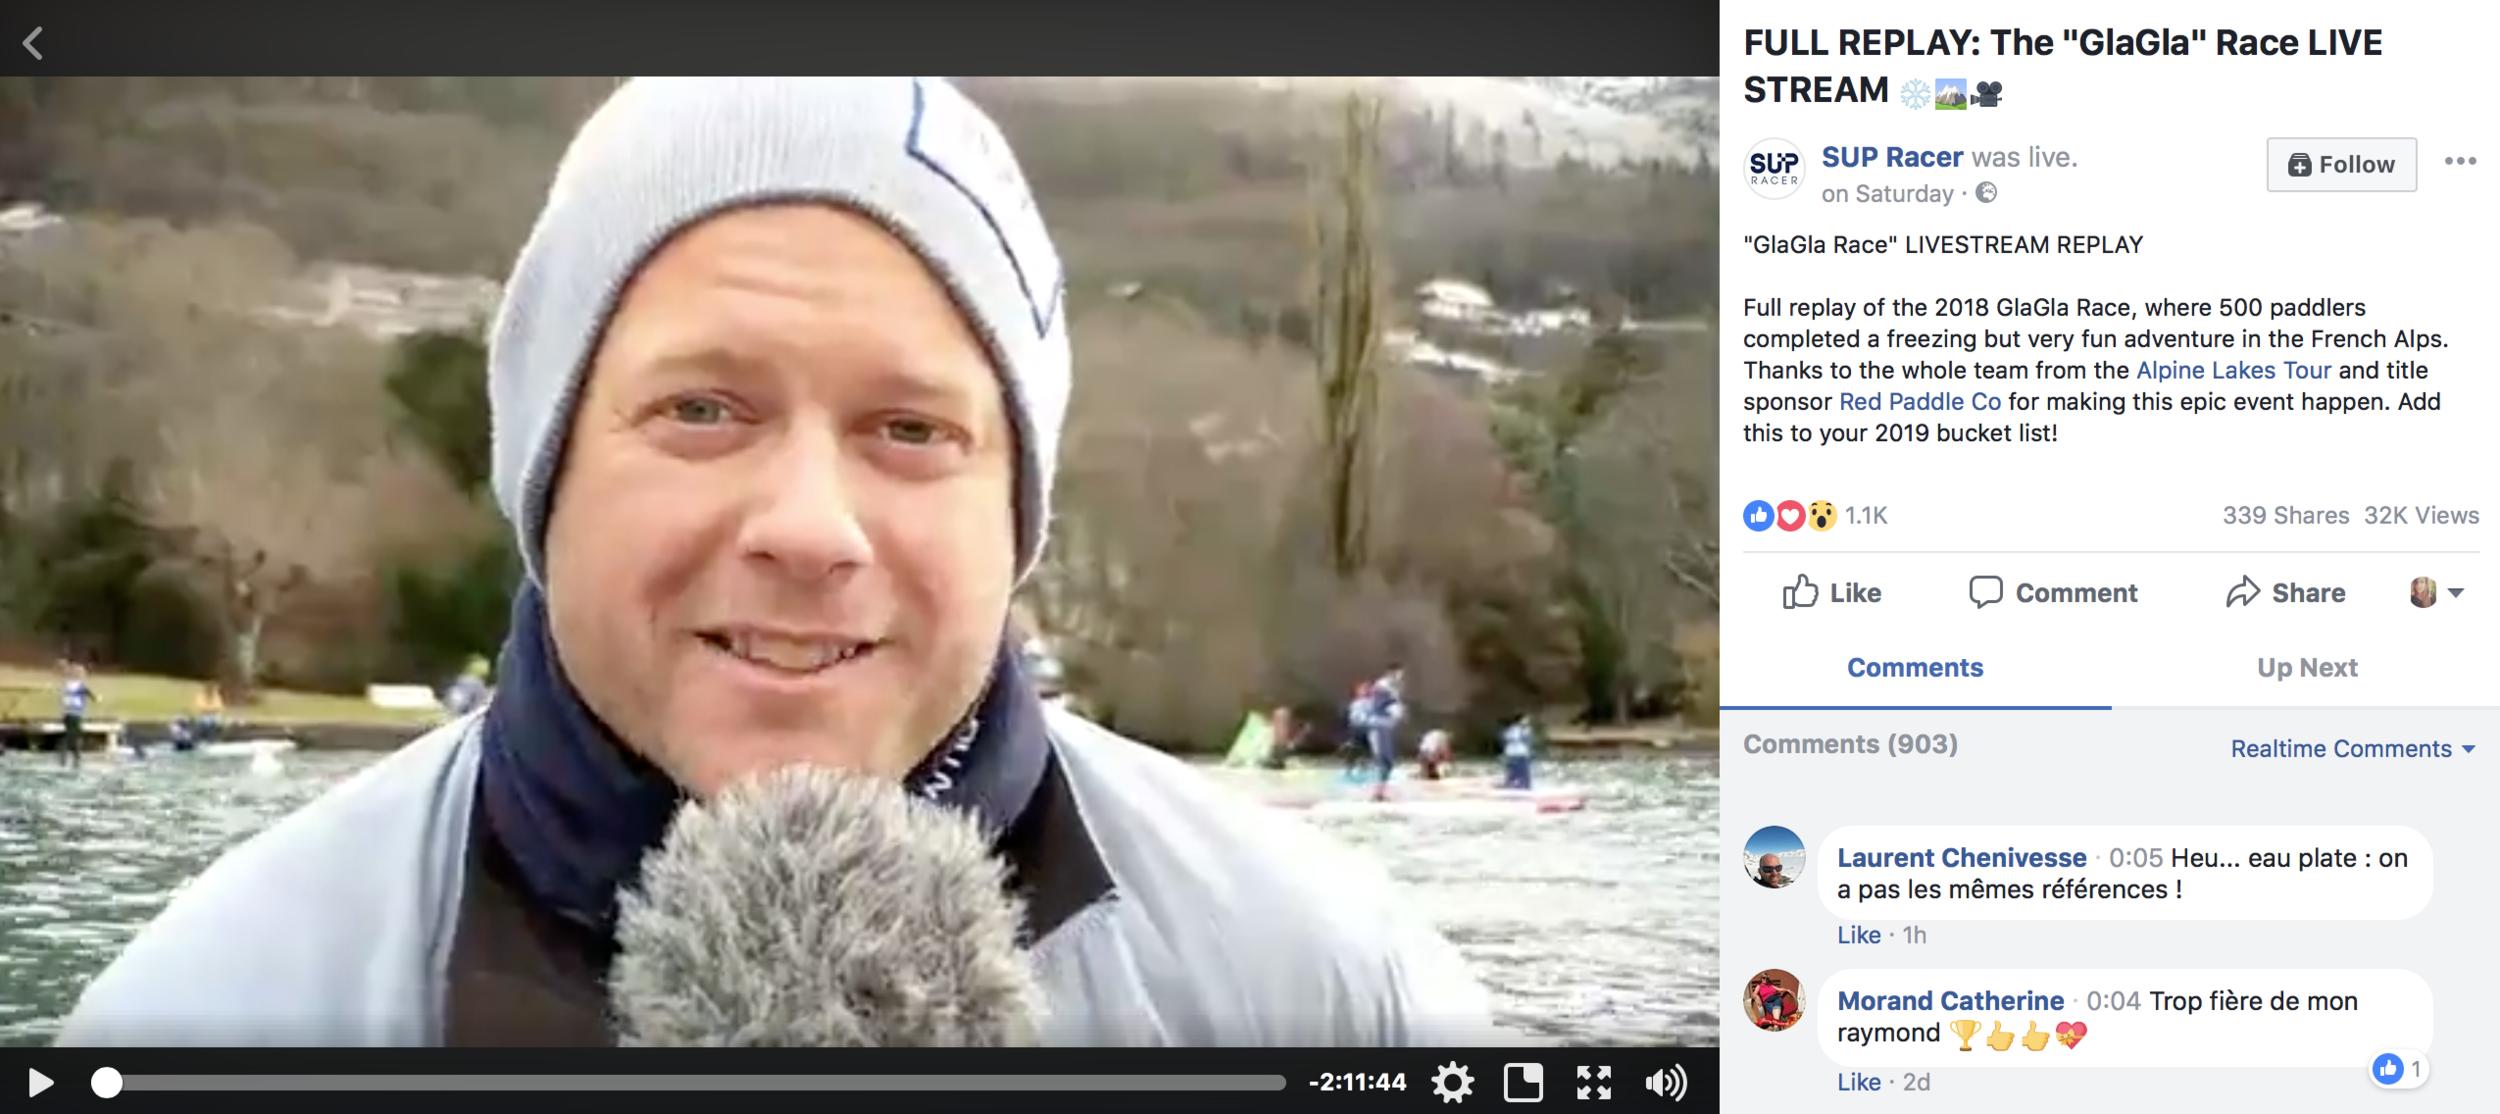 Le Replay - La plus grosse course de stand up paddle hivernale au monde... c'était samedi dernier sur le lac d'Annecy et nous étions là pour vous régaler ! Retour en images:www.facebook.com/supracerr/videos/.Merci à tout l'équipe du Alpine Lakes Tour pour le show !